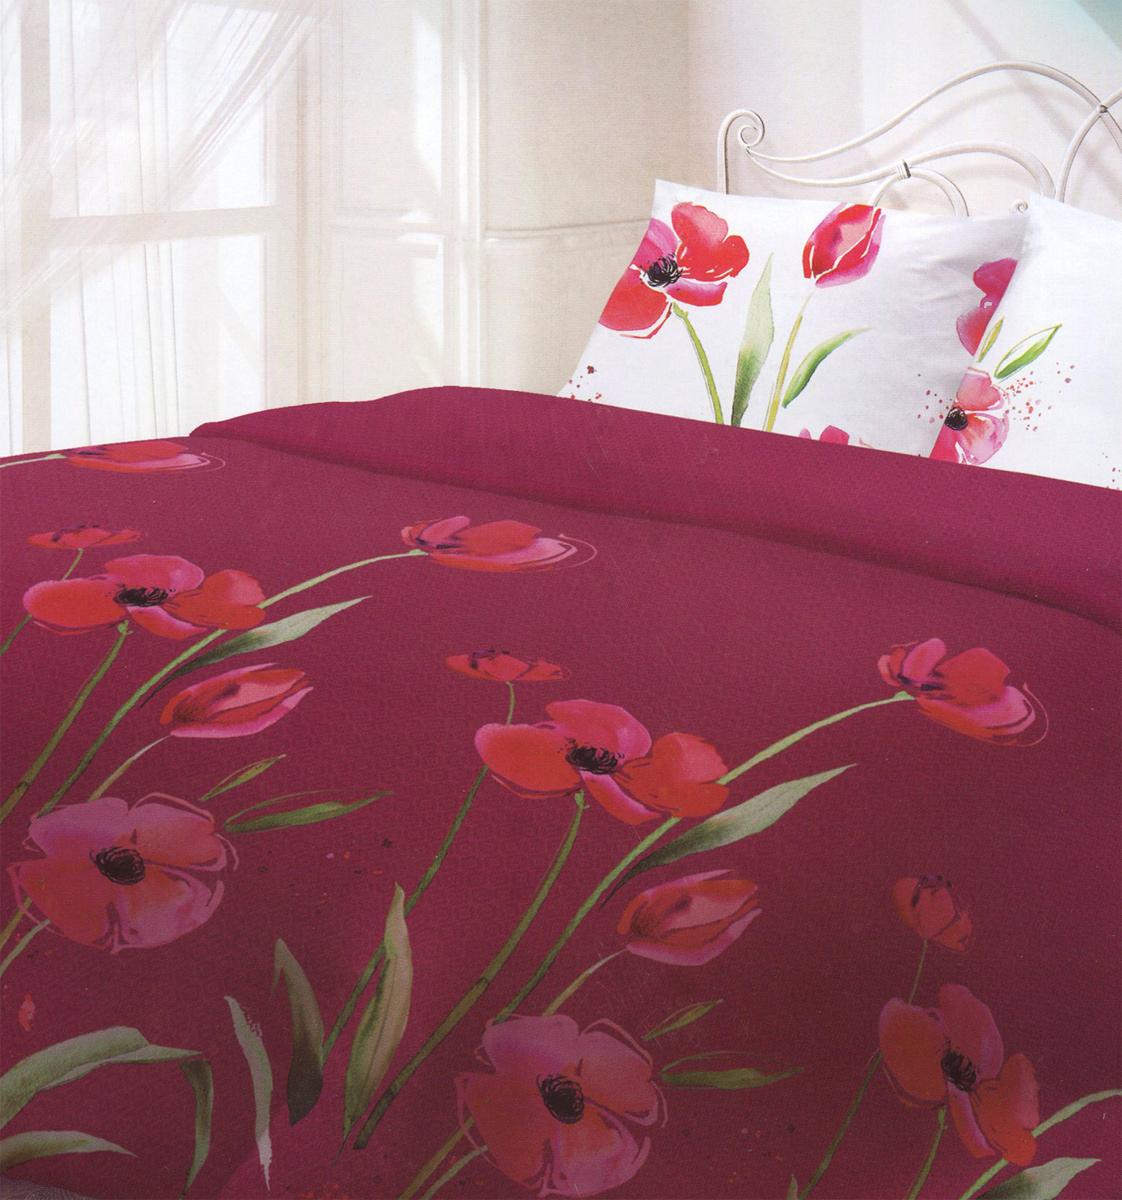 Комплект белья Гармония Маки, семейный, наволочки 70x70, цвет: бордовый, белый, розовыйCA-3505Комплект постельного белья Гармония Маки является экологически безопасным для всей семьи, так как выполнен из поплина (натурального хлопка). Комплект состоит из двух пододеяльников, простыни и двух наволочек. Постельное белье оформлено оригинальным рисунком и имеет изысканный внешний вид.Гармония производится из поплина - 100% хлопковой ткани. Поплин мягкий и приятный на ощупь. Кроме того, эта ткань не требует особого ухода, легко стирается и прекрасно держит форму. Высококачественные красители, которые используются при производстве постельного белья, экологичны и сохраняют свой цвет даже после многочисленных стирок.Благодаря высокому качеству ткани и европейским стандартам пошива постельное белье Гармония будет радовать вас долгие годы!